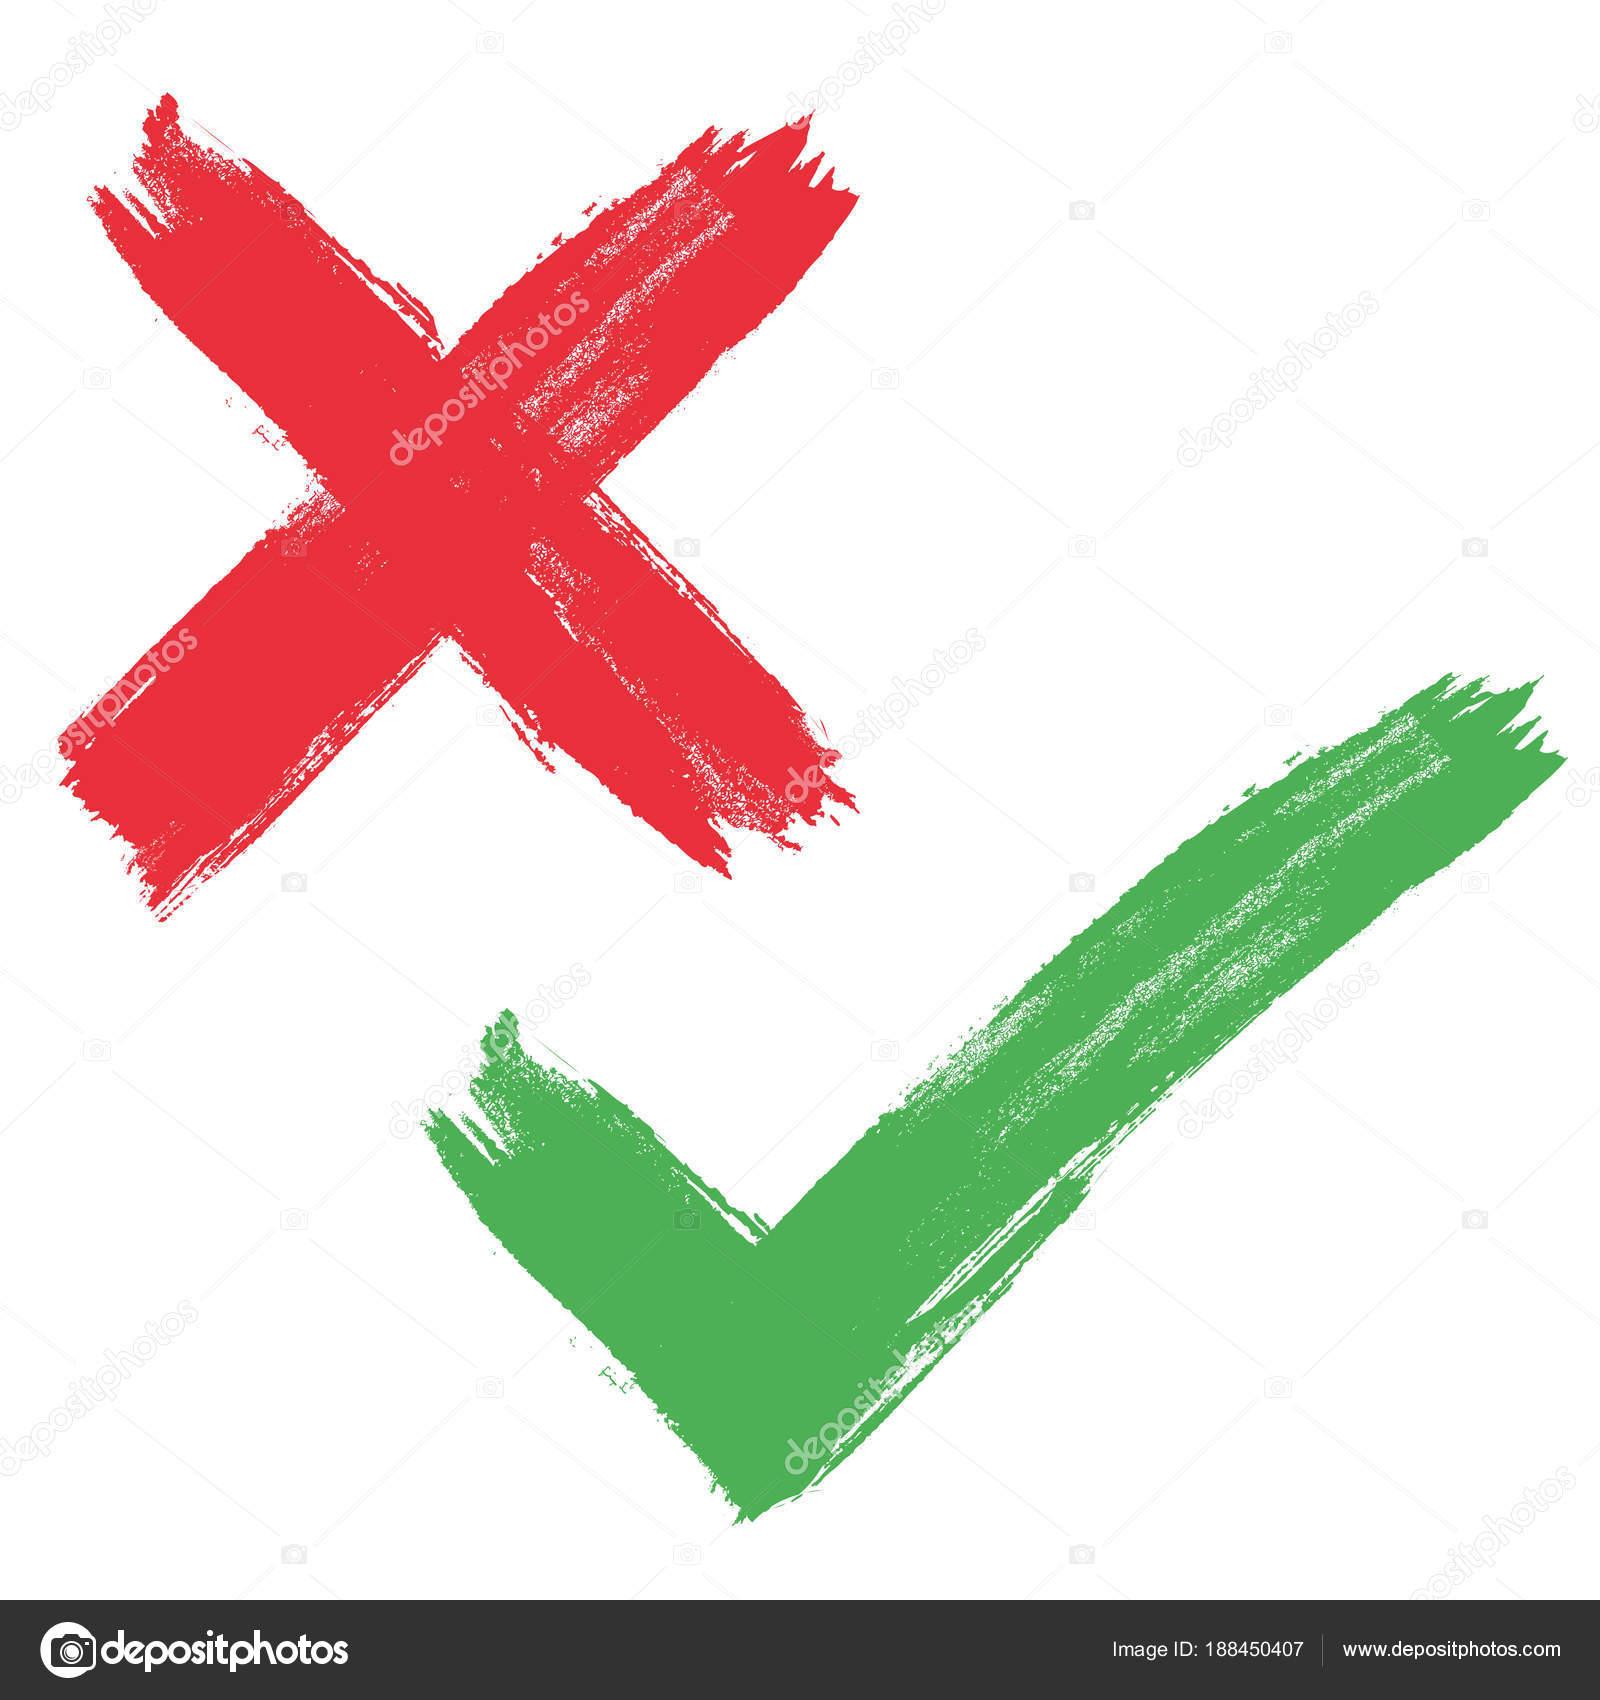 Mano de grunge vector dibujado los iconos de marcas de verificación ...